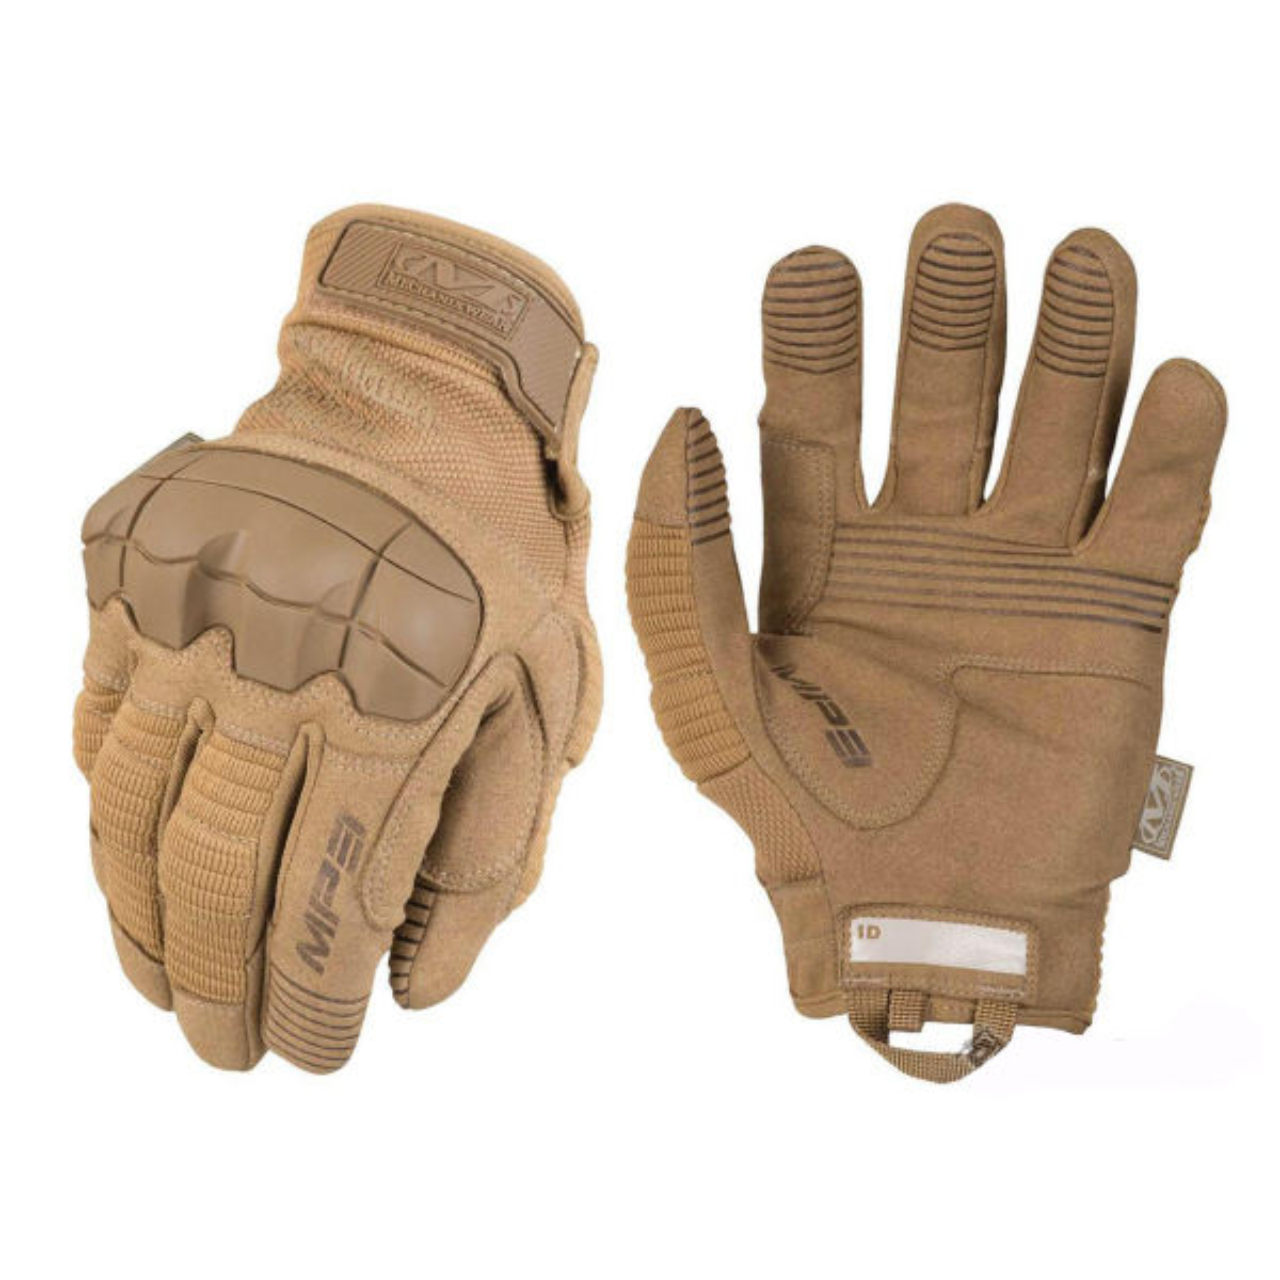 دستکش ورزشی مردانه مچانیکس مدل mp3